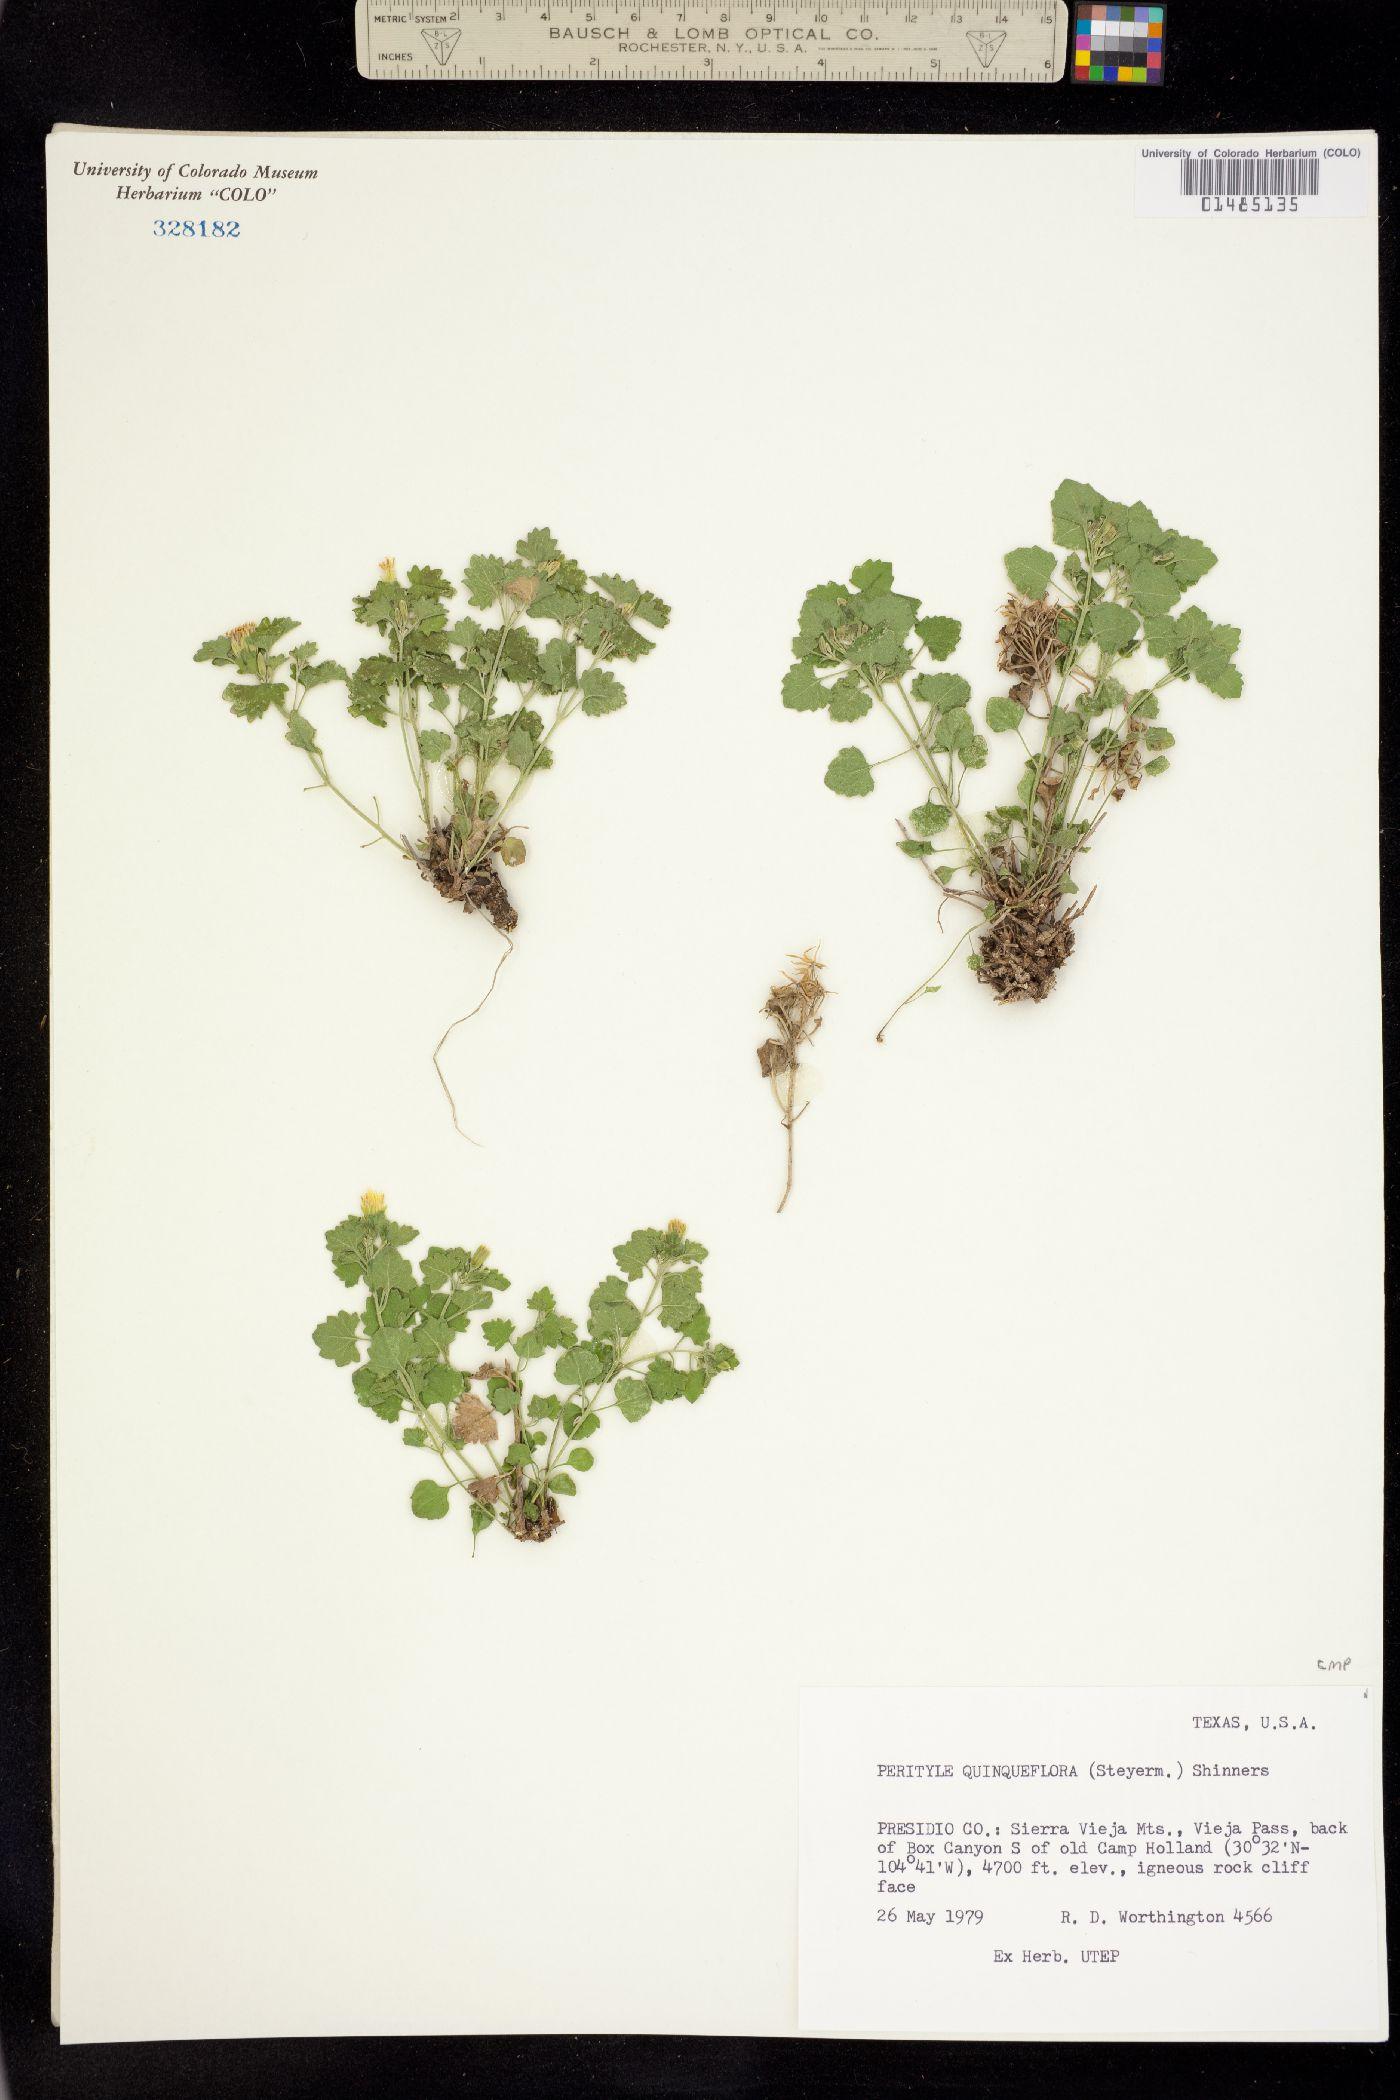 Perityle quinqueflora image